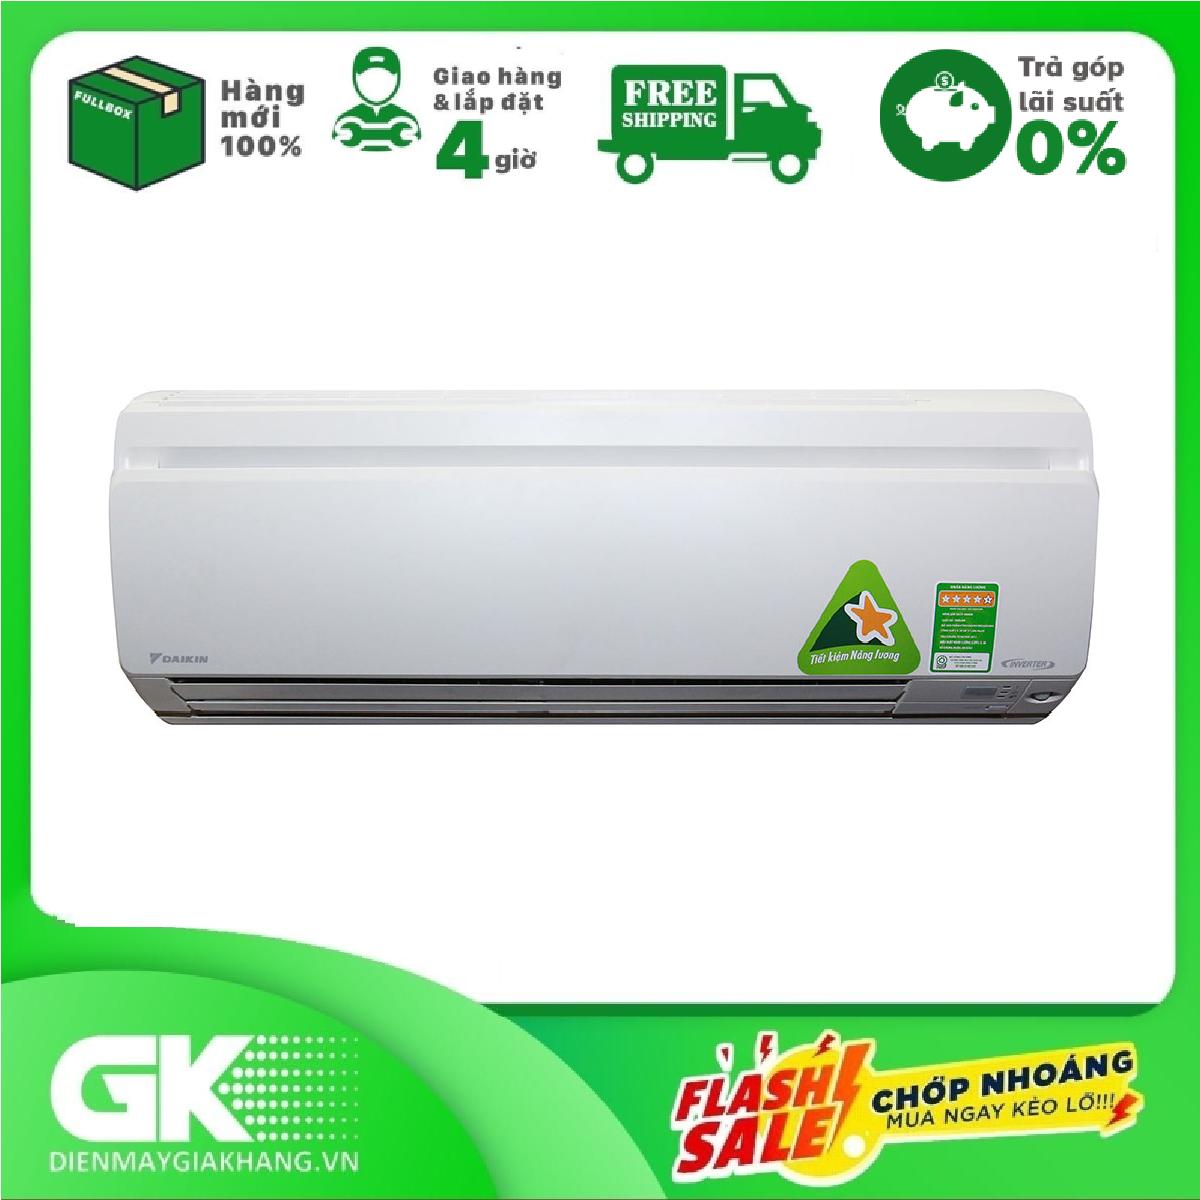 TRẢ GÓP 0% – Máy lạnh Daikin Inverter 1HP FTKS25GVMV/RKS25GVM ,nhãn năng lượng tiết kiệm điện 5 sao, tiết kiệm điện, Kháng khuẩn khử mùi – BTRẢo hành 12 tháng